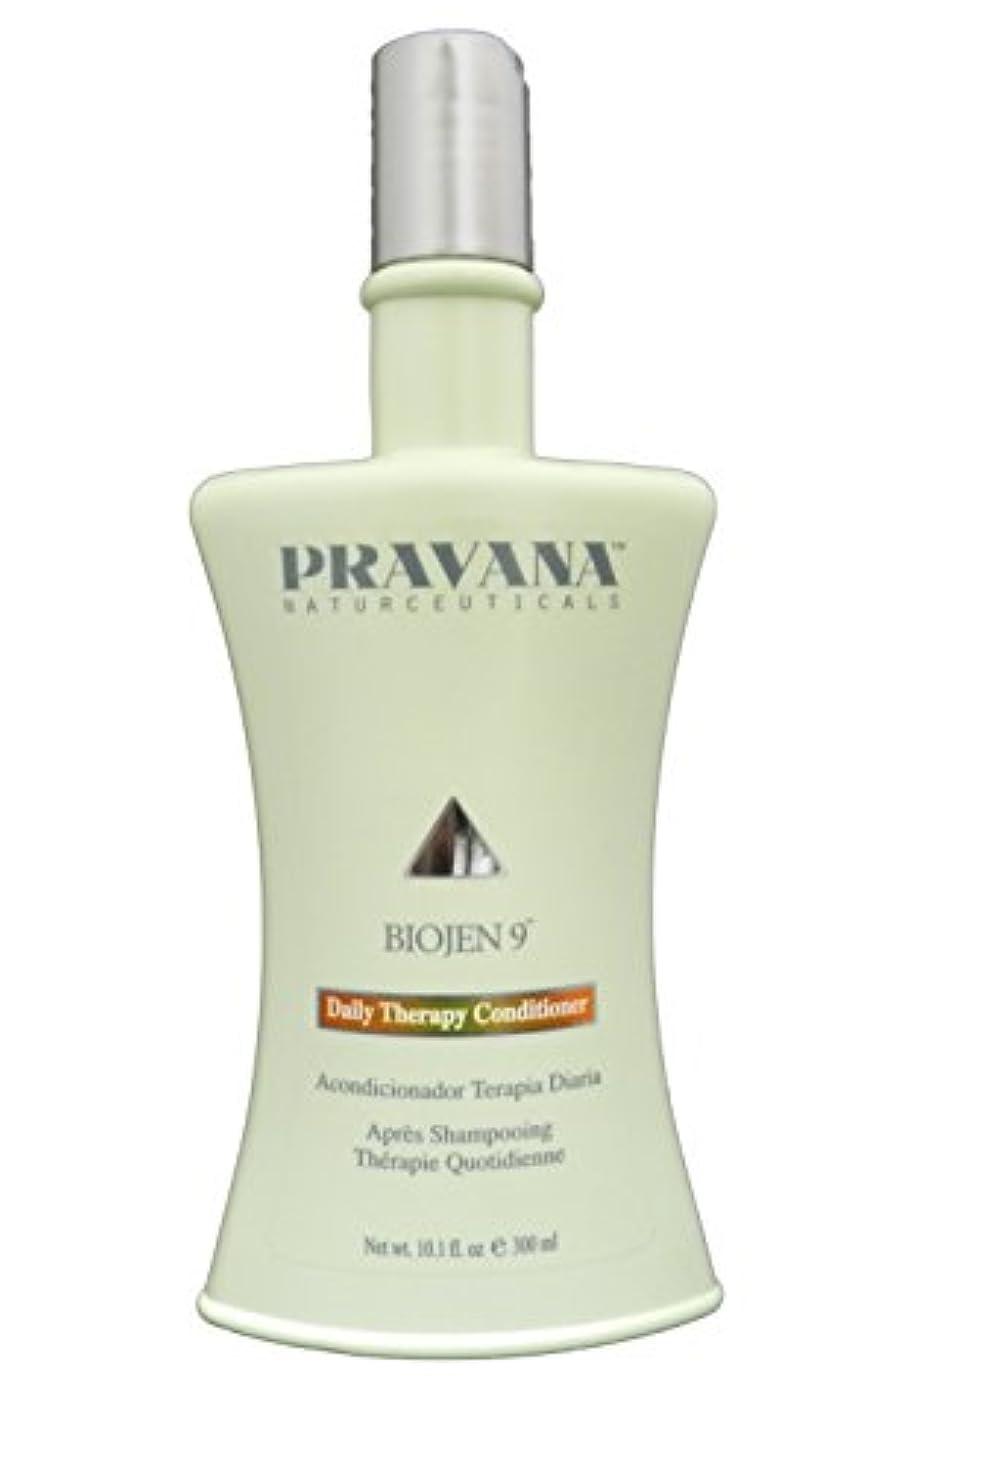 ブラケットジレンマ便宜Pravana BIOJEN 9デイリーセラピーコンディショナー10.1オンス(300ミリリットル)